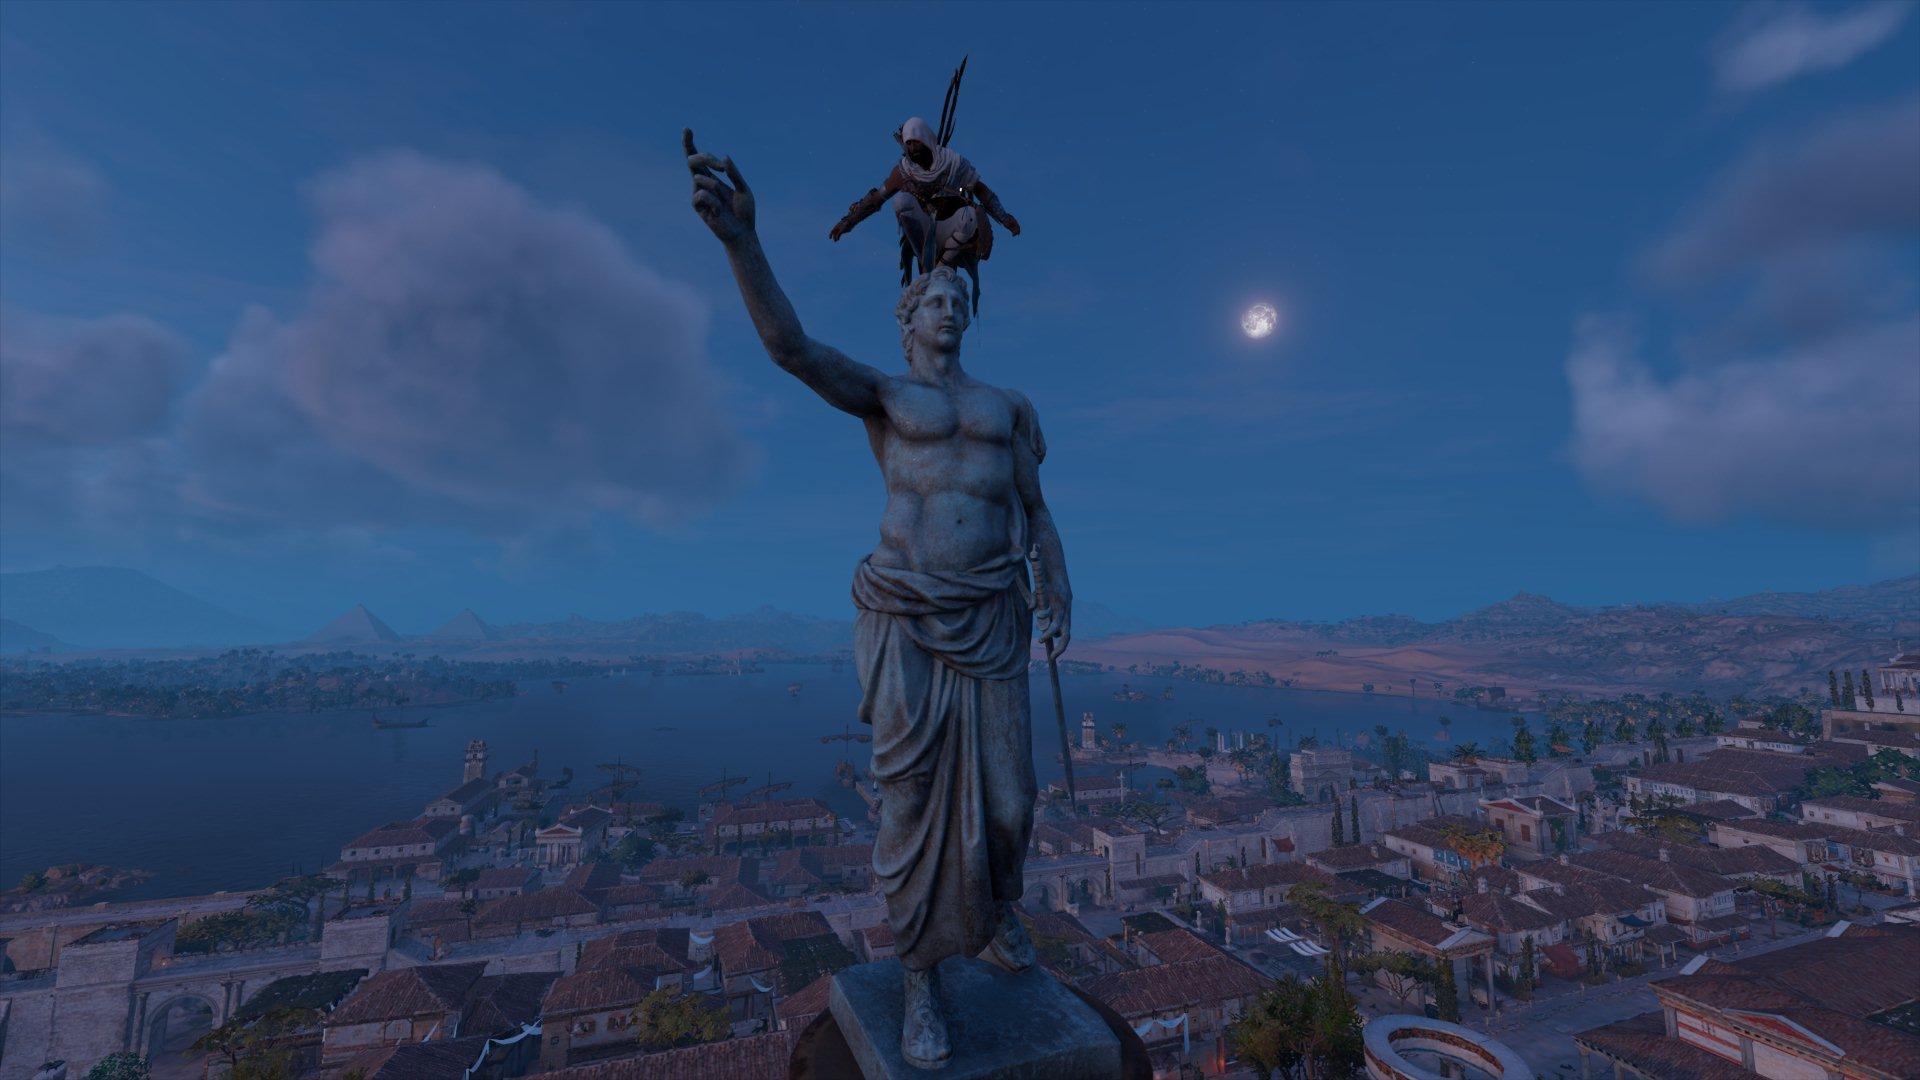 20180211151703.jpg - Assassin's Creed: Origins